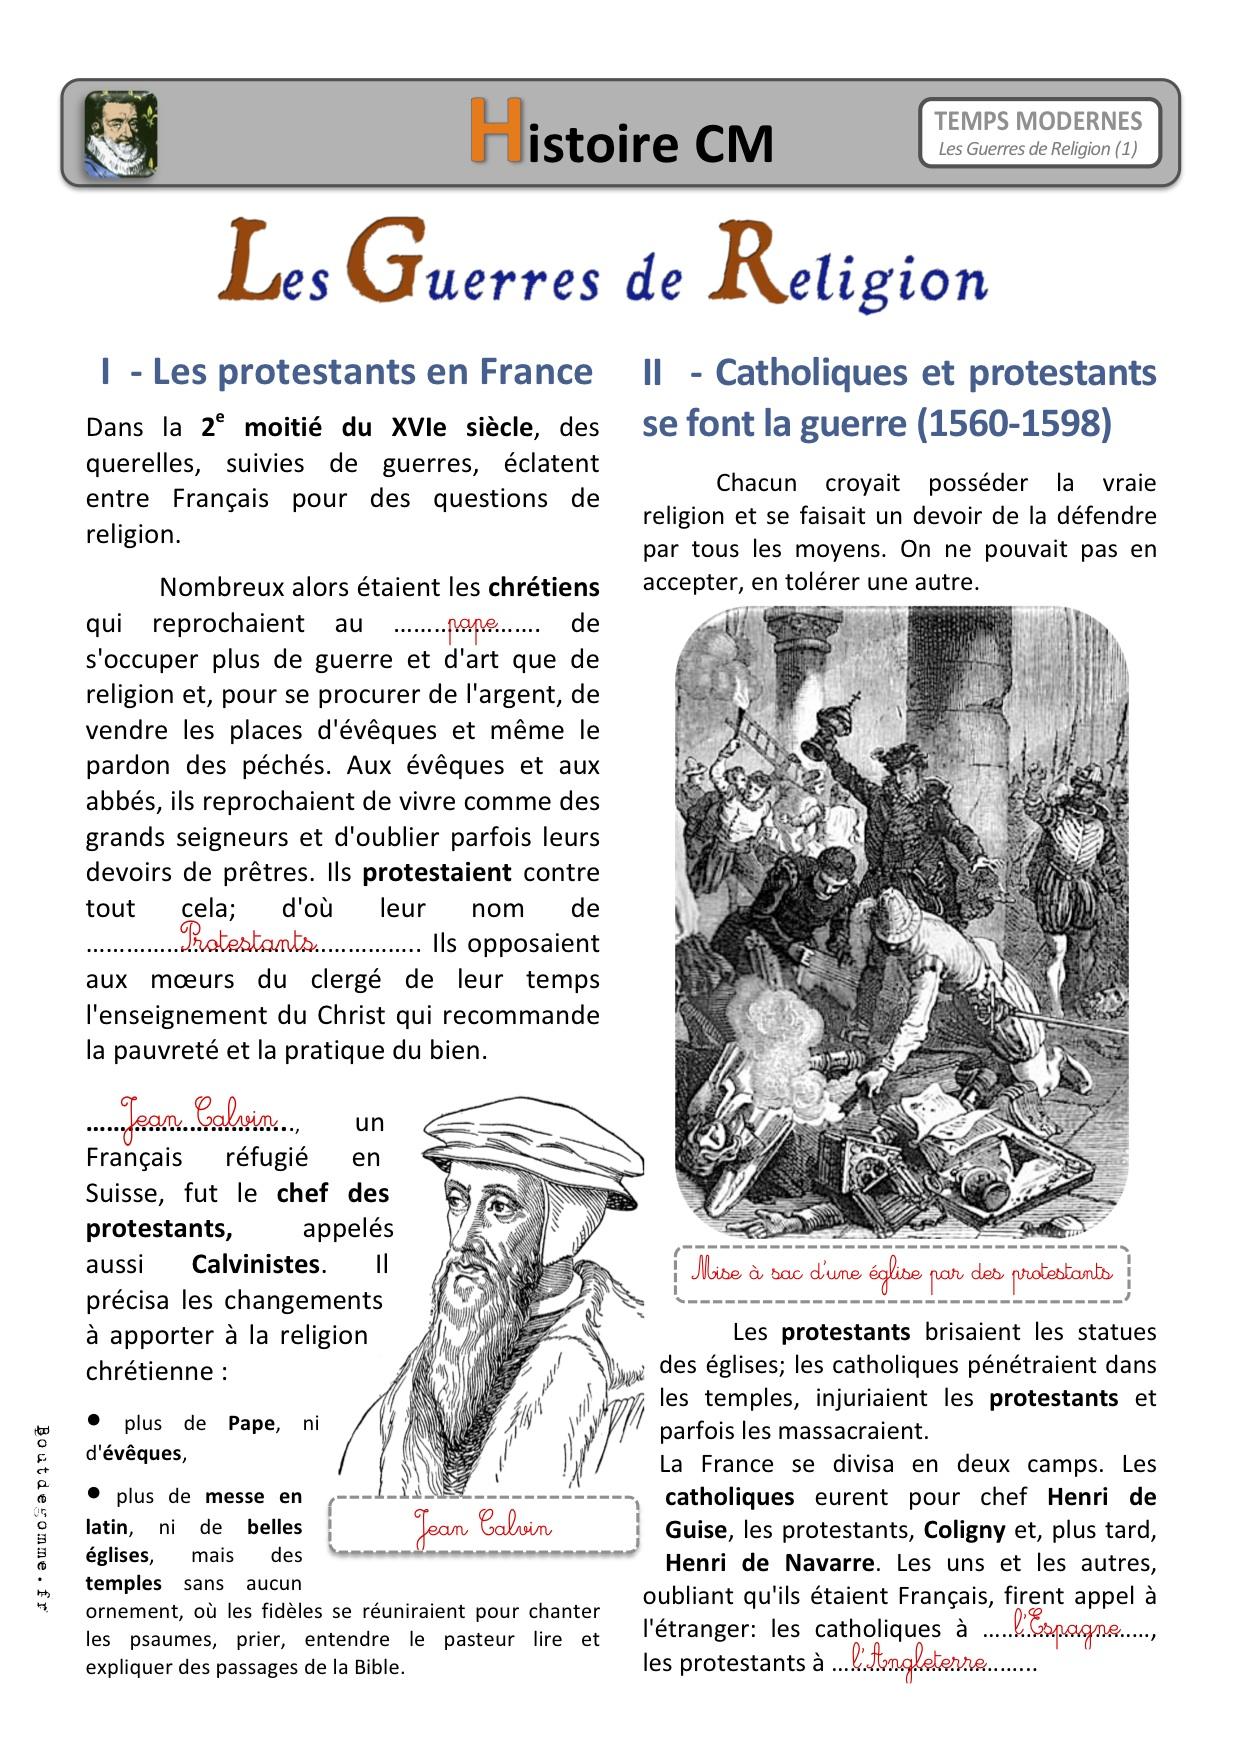 première guerre de religion